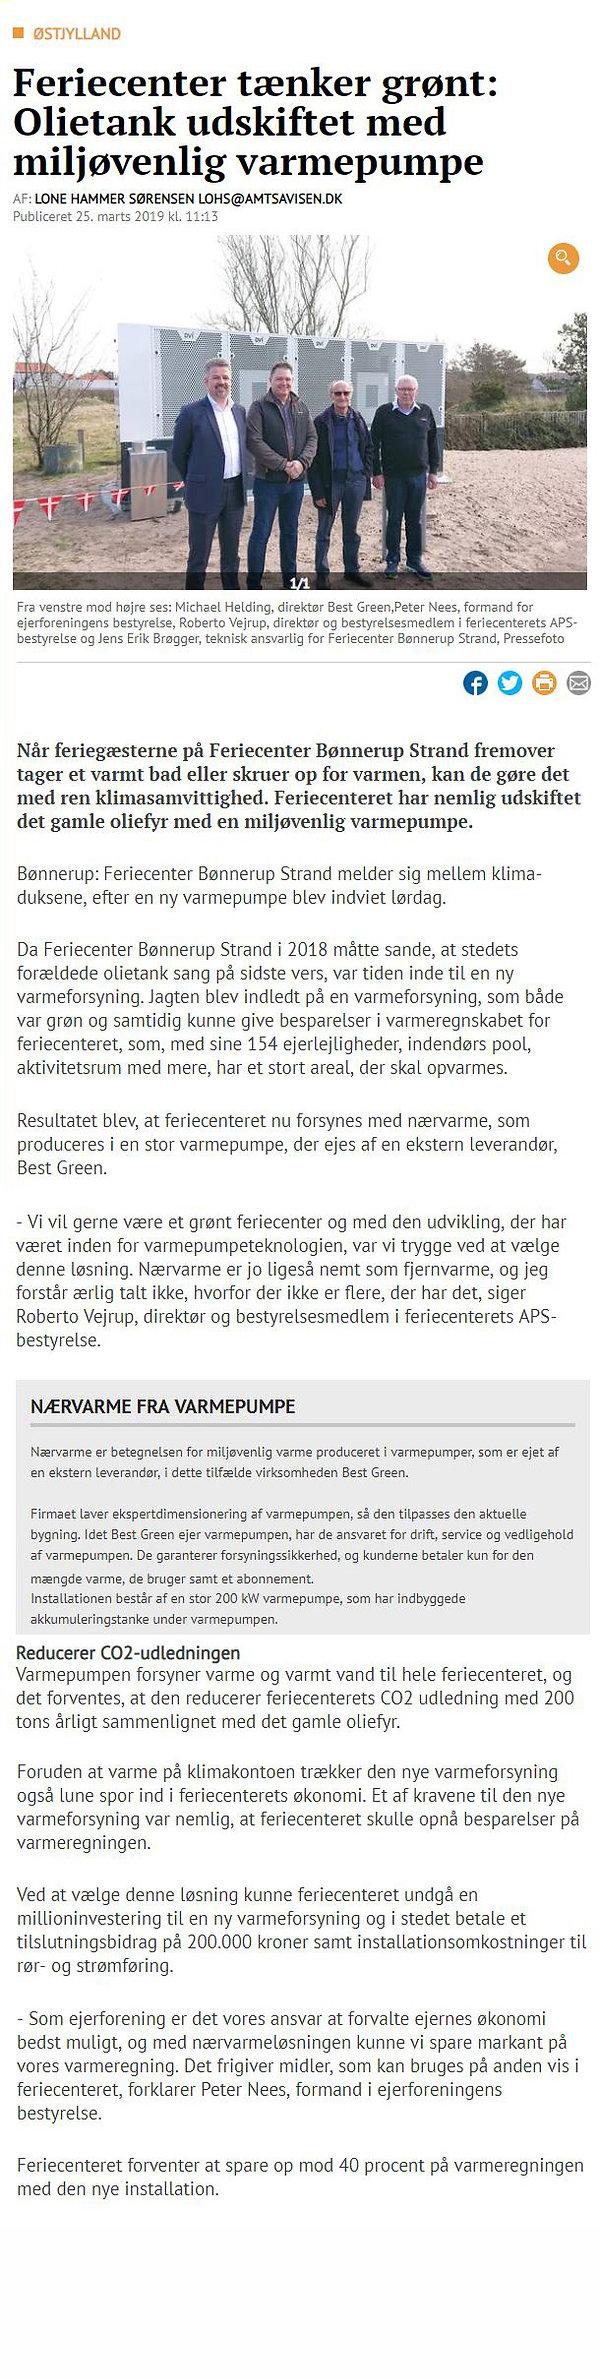 Varmepumpe_avis_samlet2.jpg